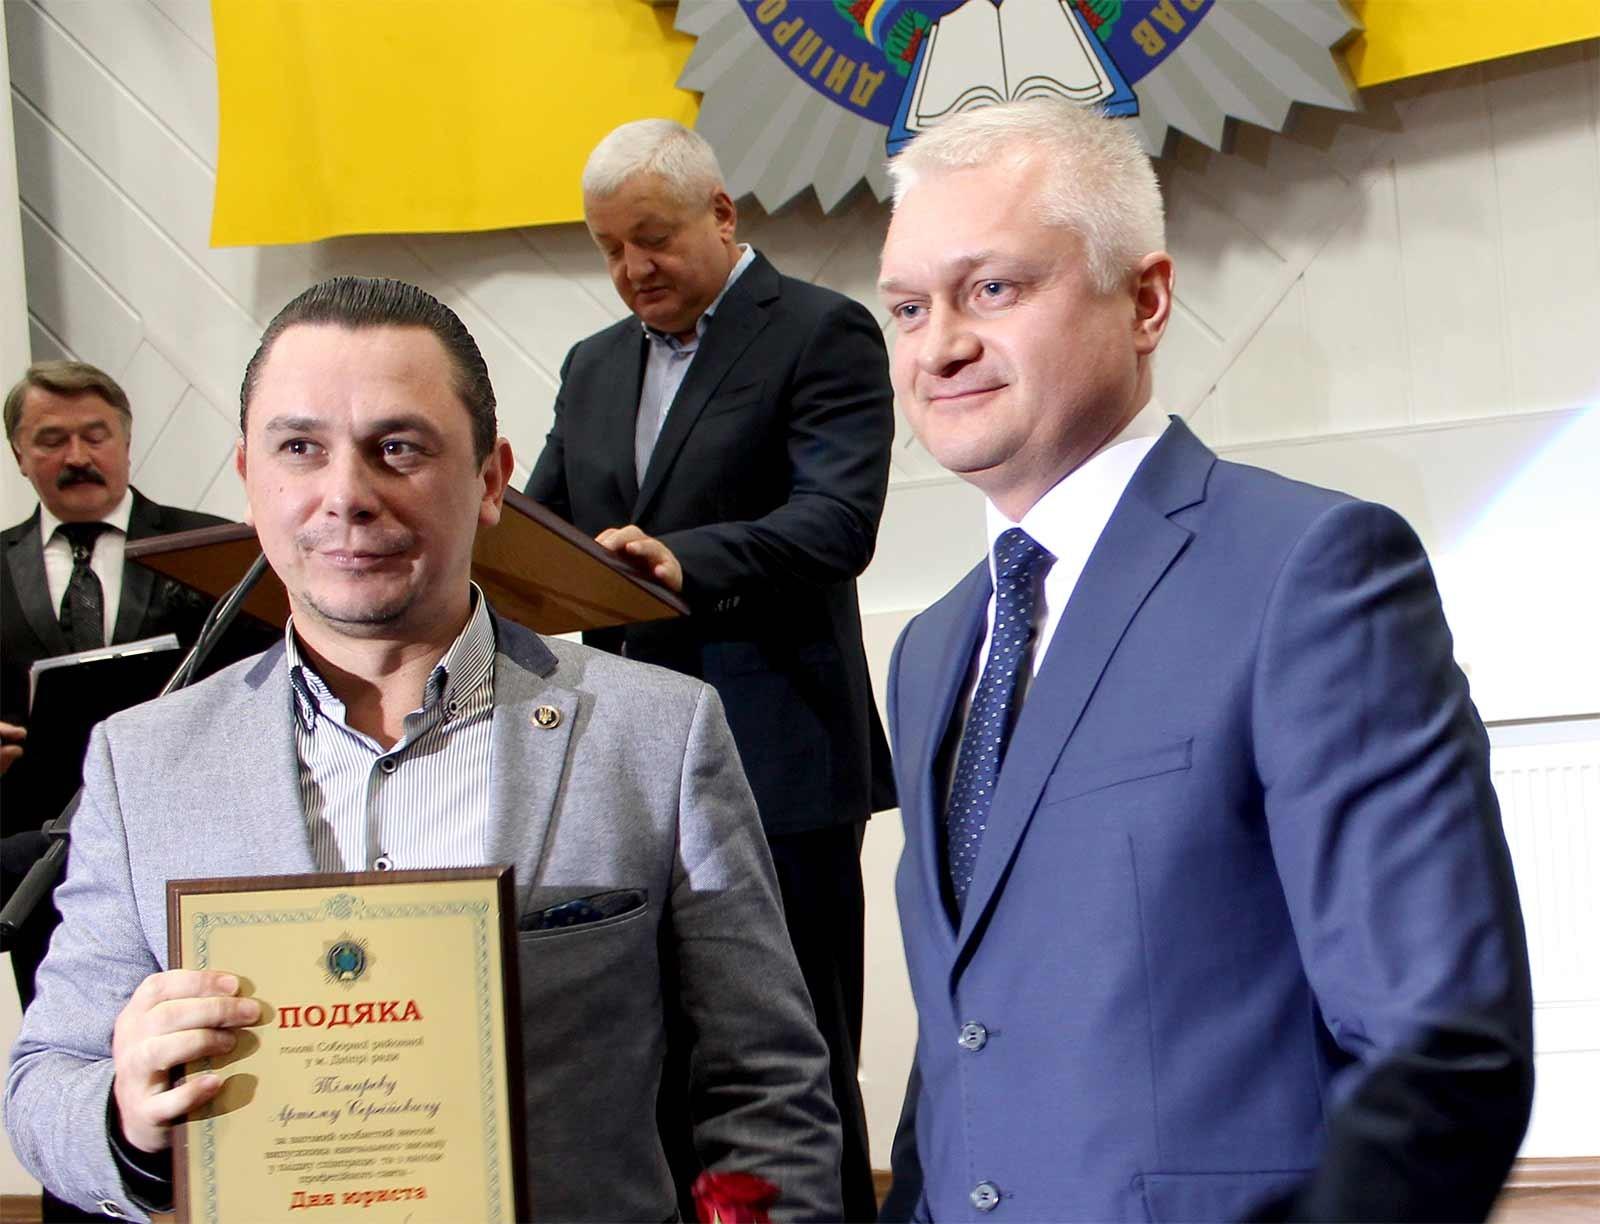 Подяку за співпрацю Андрій Фоменко вручив Артему Тімарєву